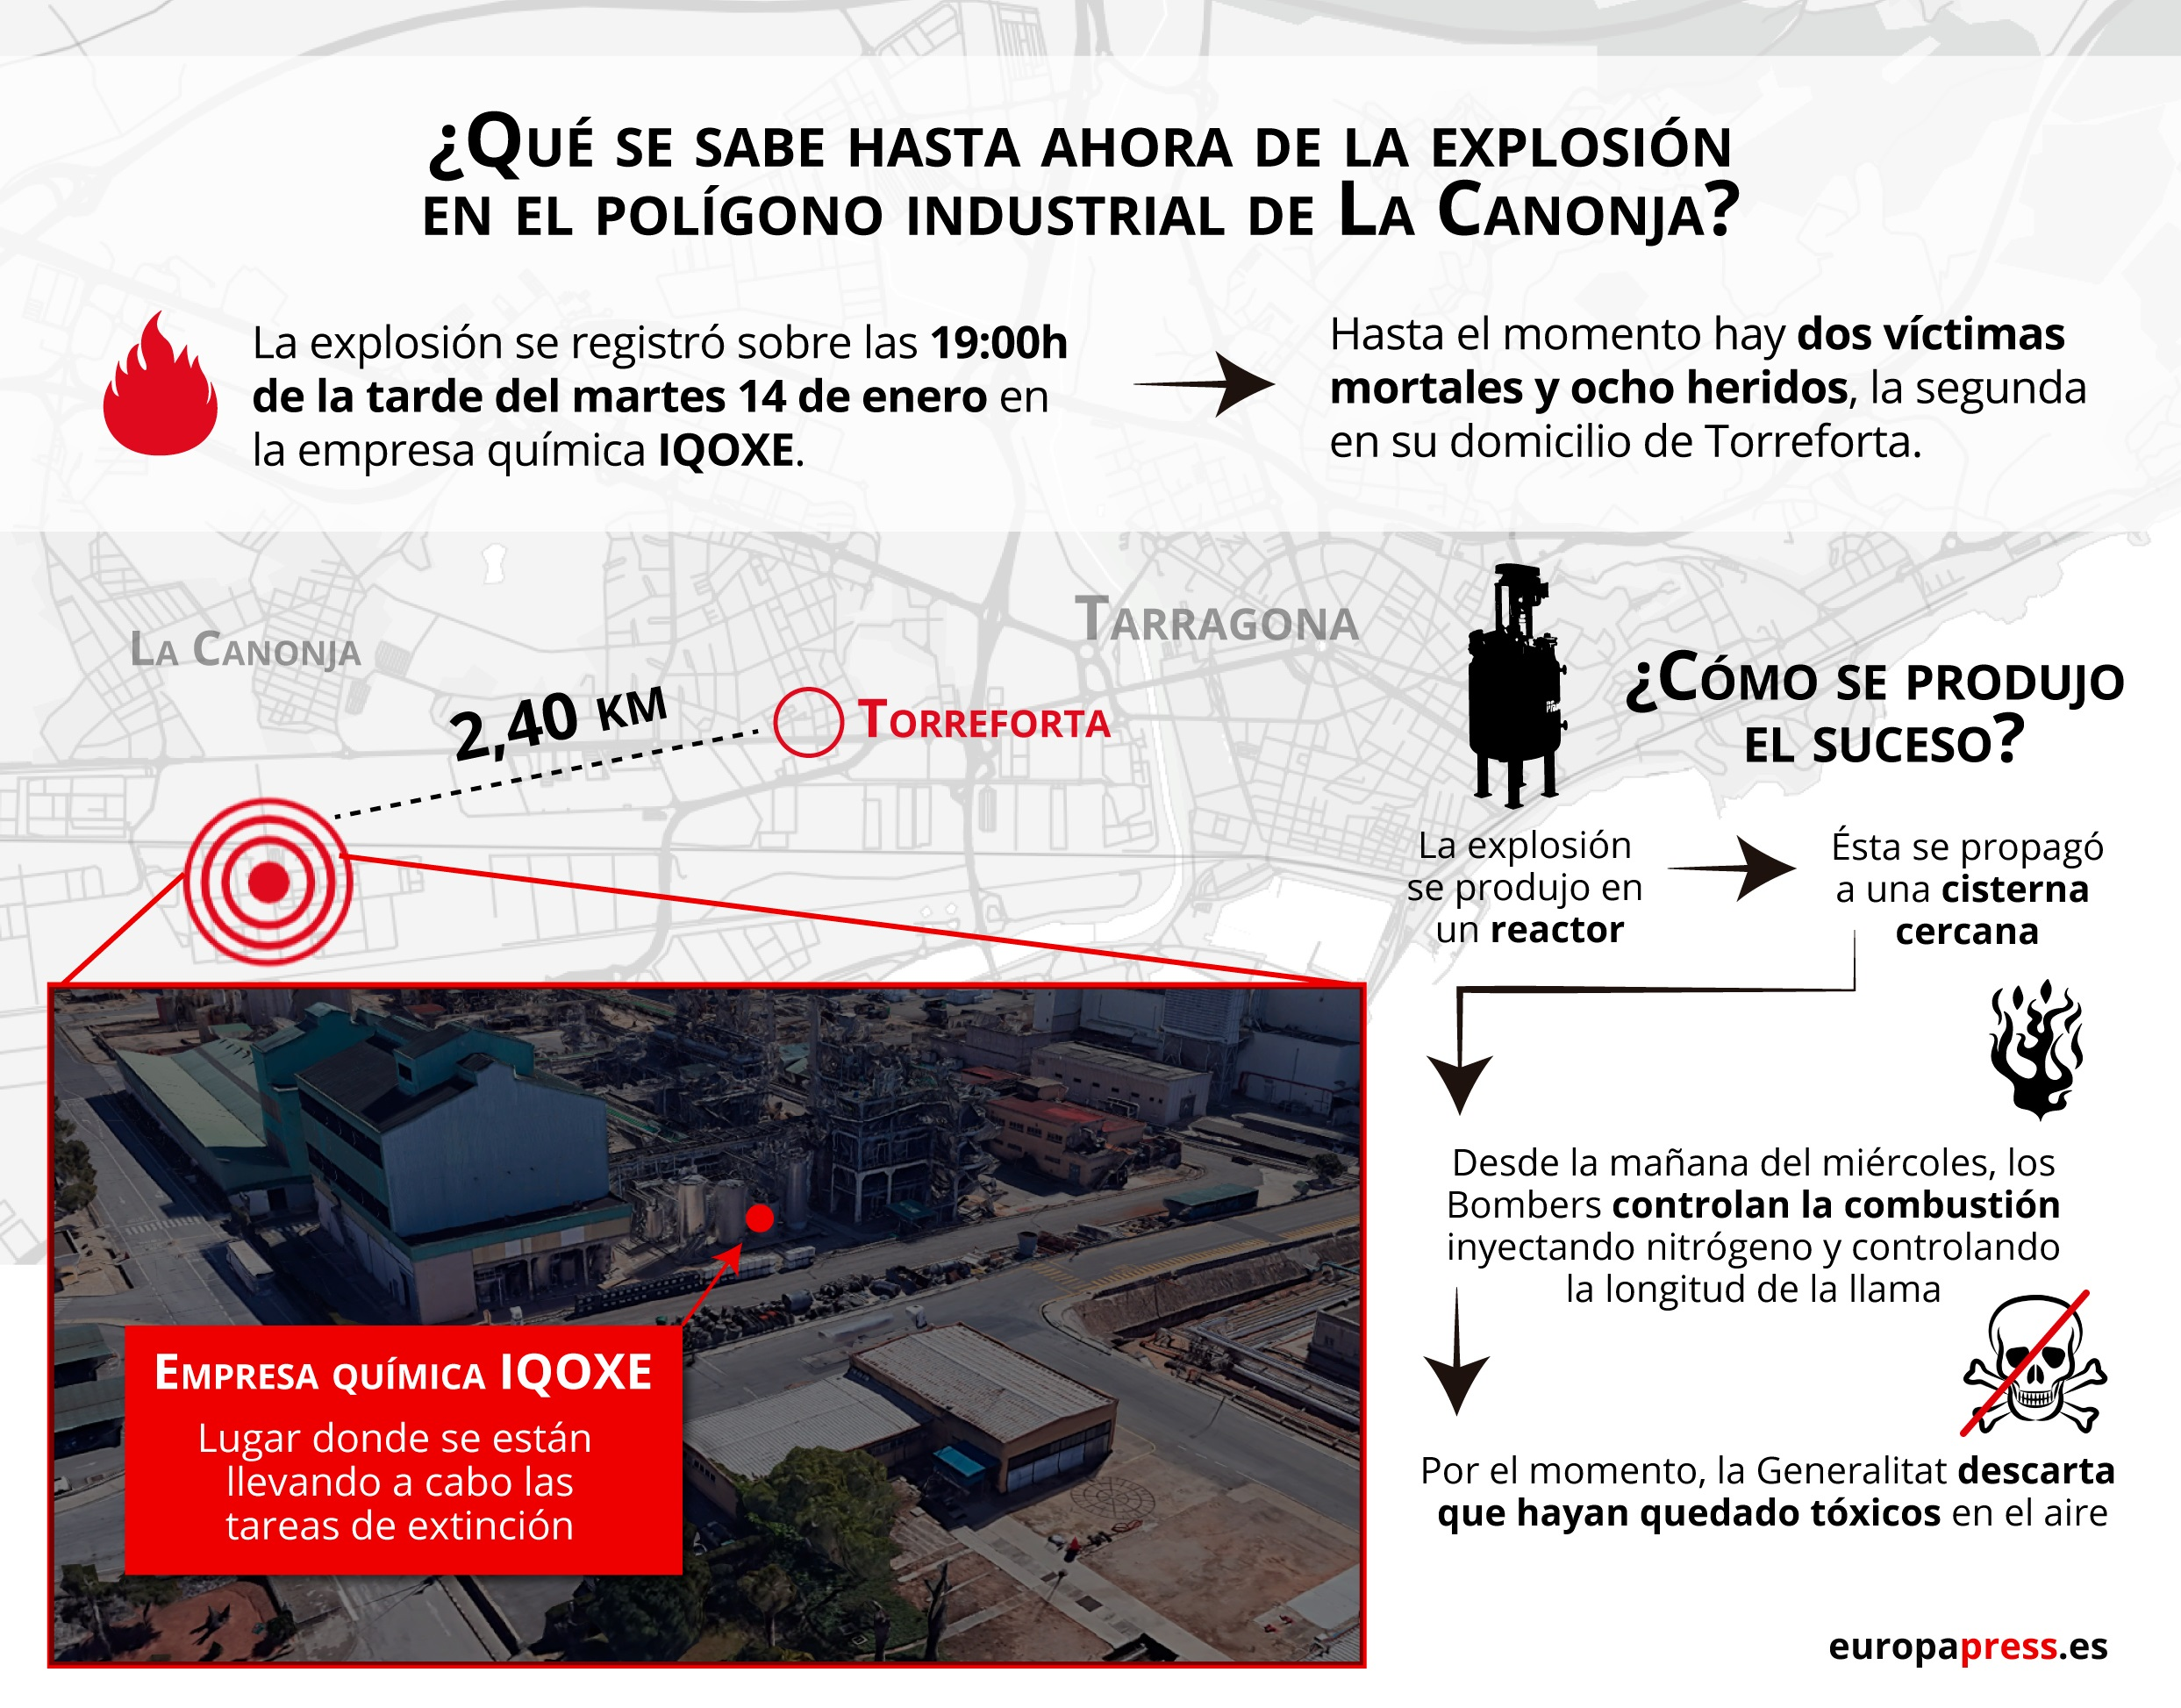 Infografía con todo lo que se sabe sobre la explosión en la empresa química en La Canonja